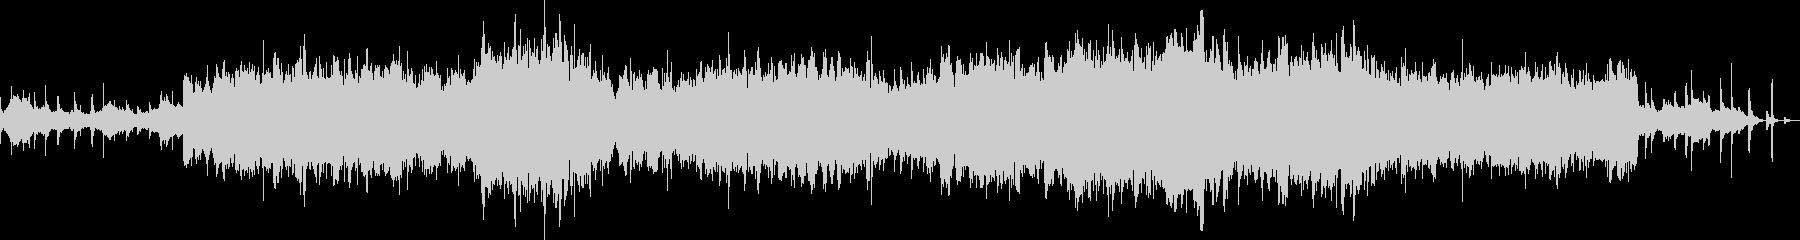 弦楽合奏のフレーズをエフェクト処理の未再生の波形